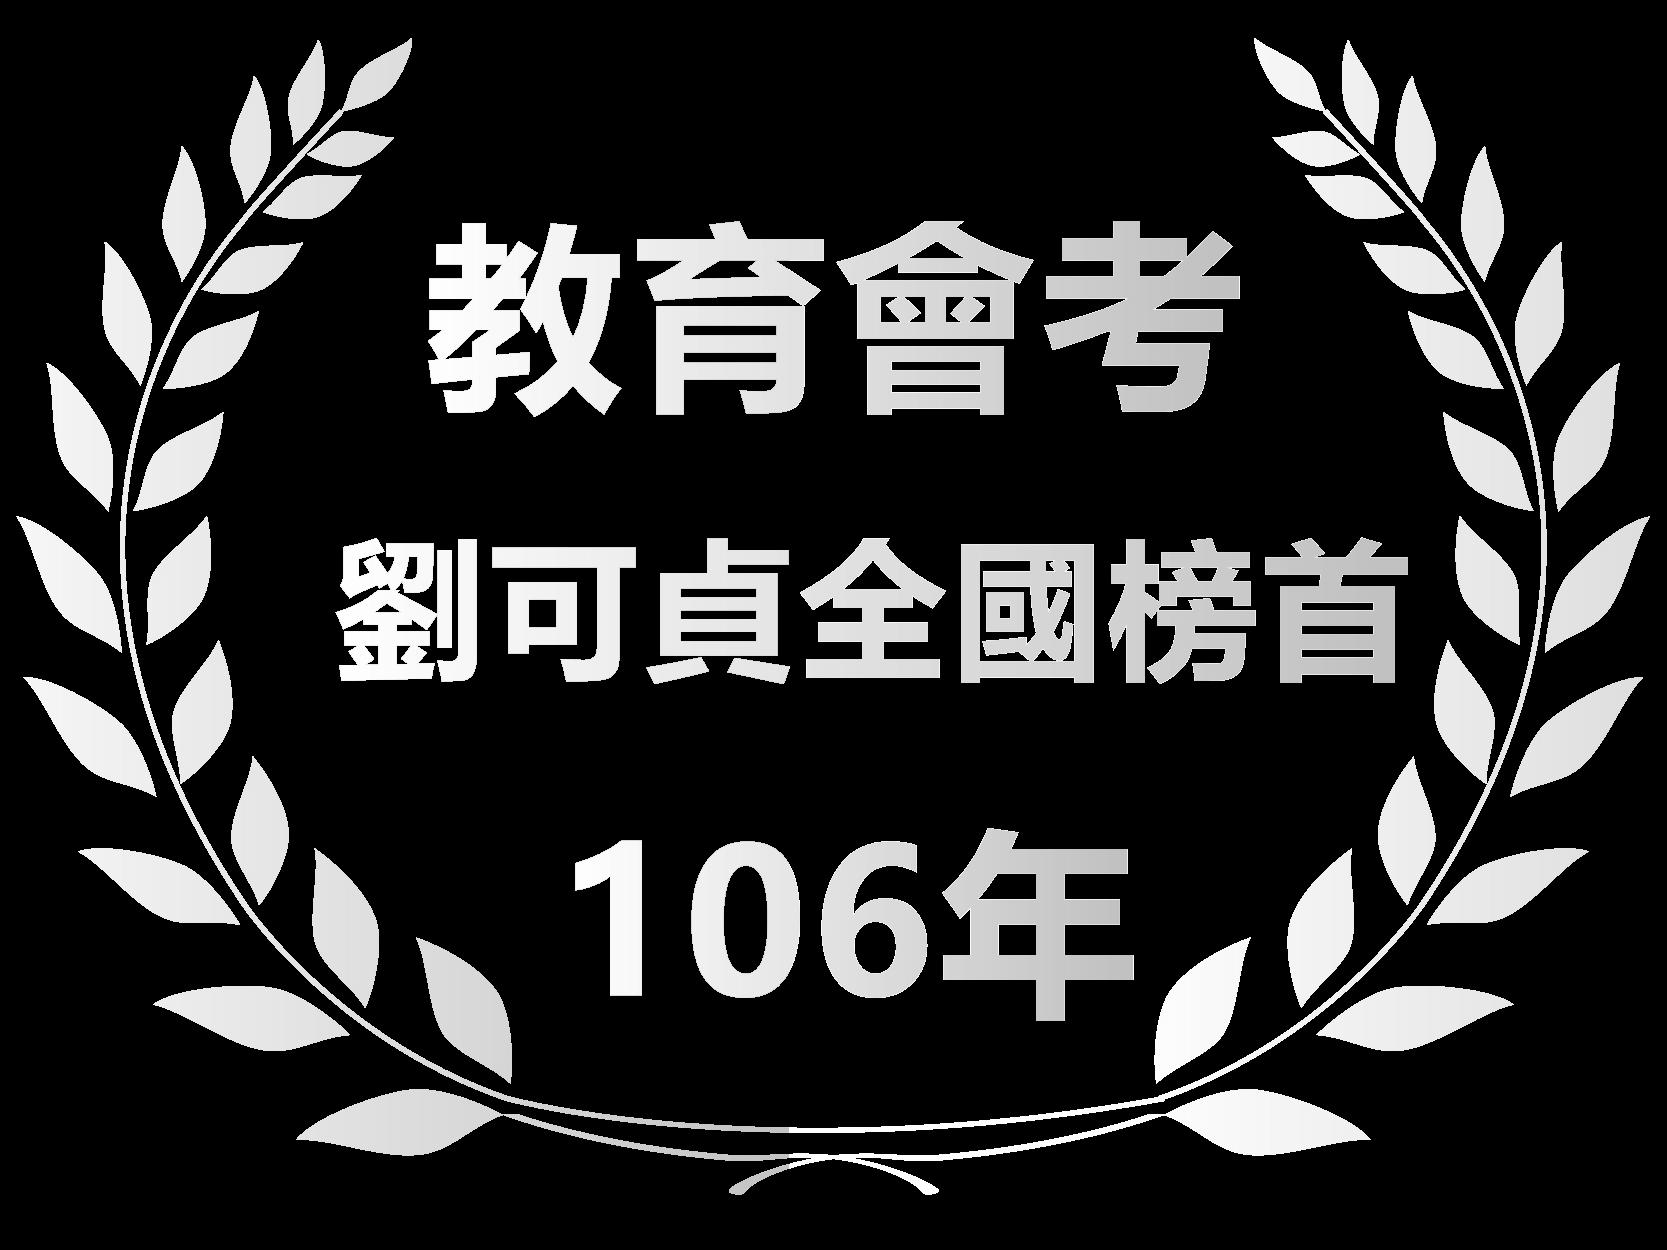 106榜單成就